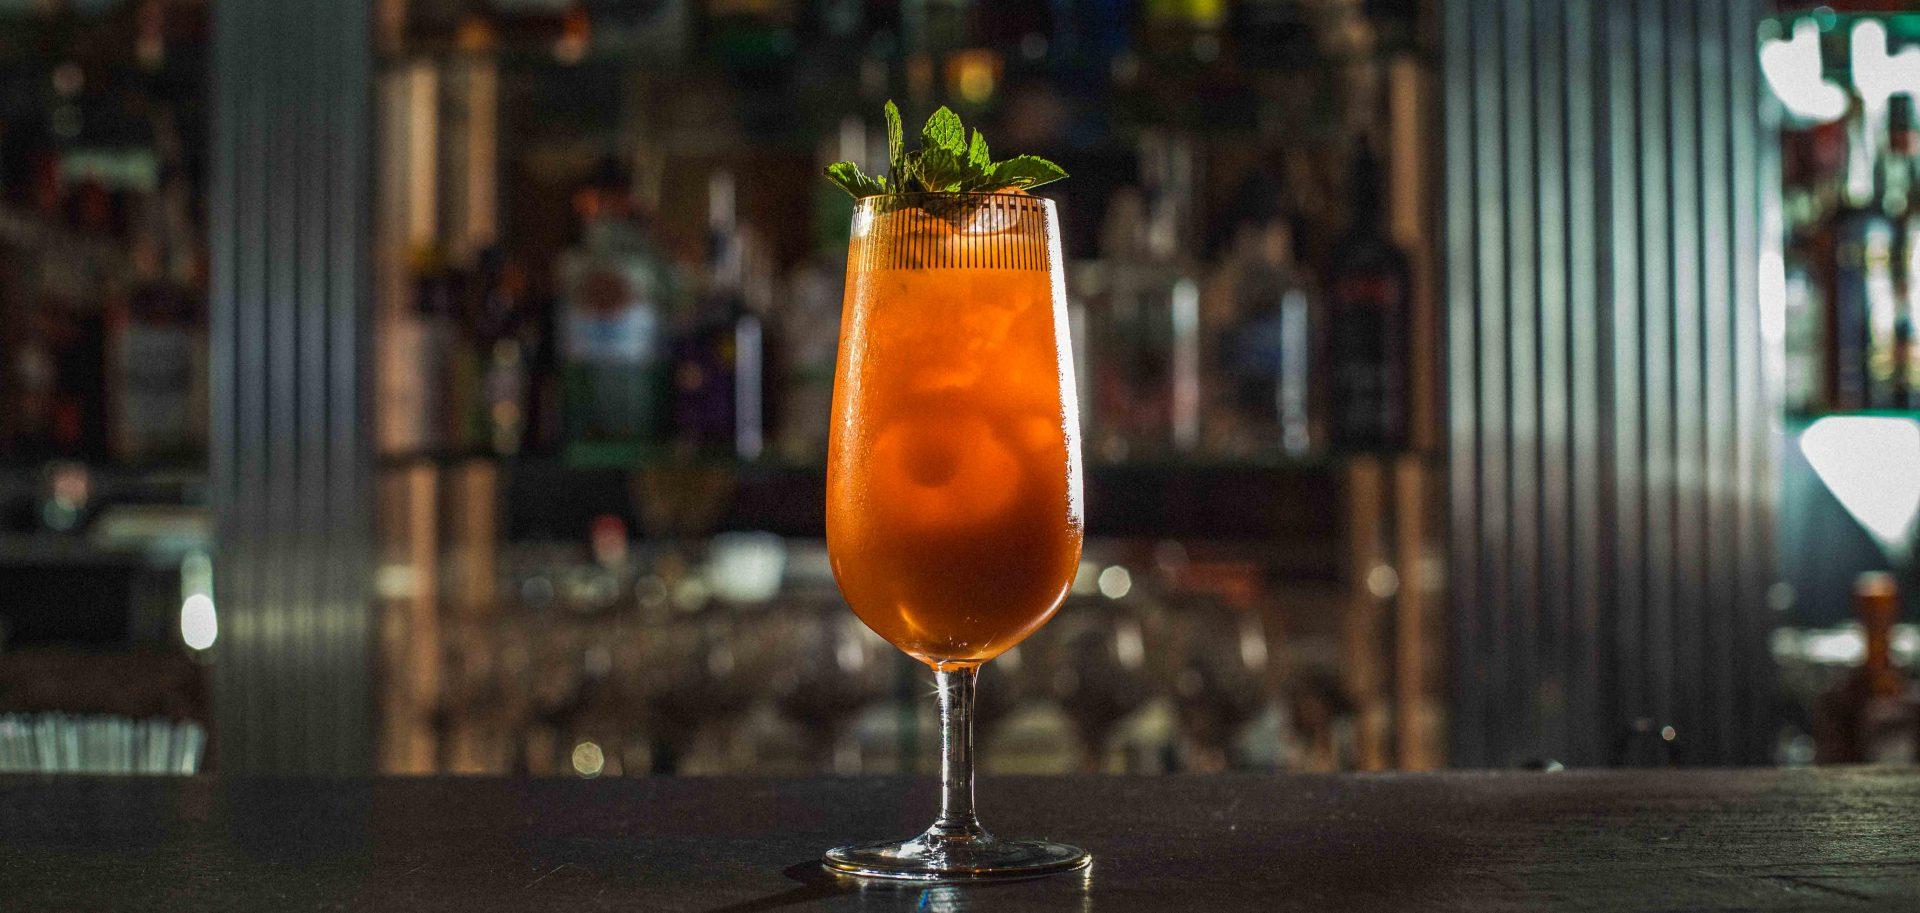 Ny energi på Bar Plata: Cocktailnørder går amok med nyt koncept